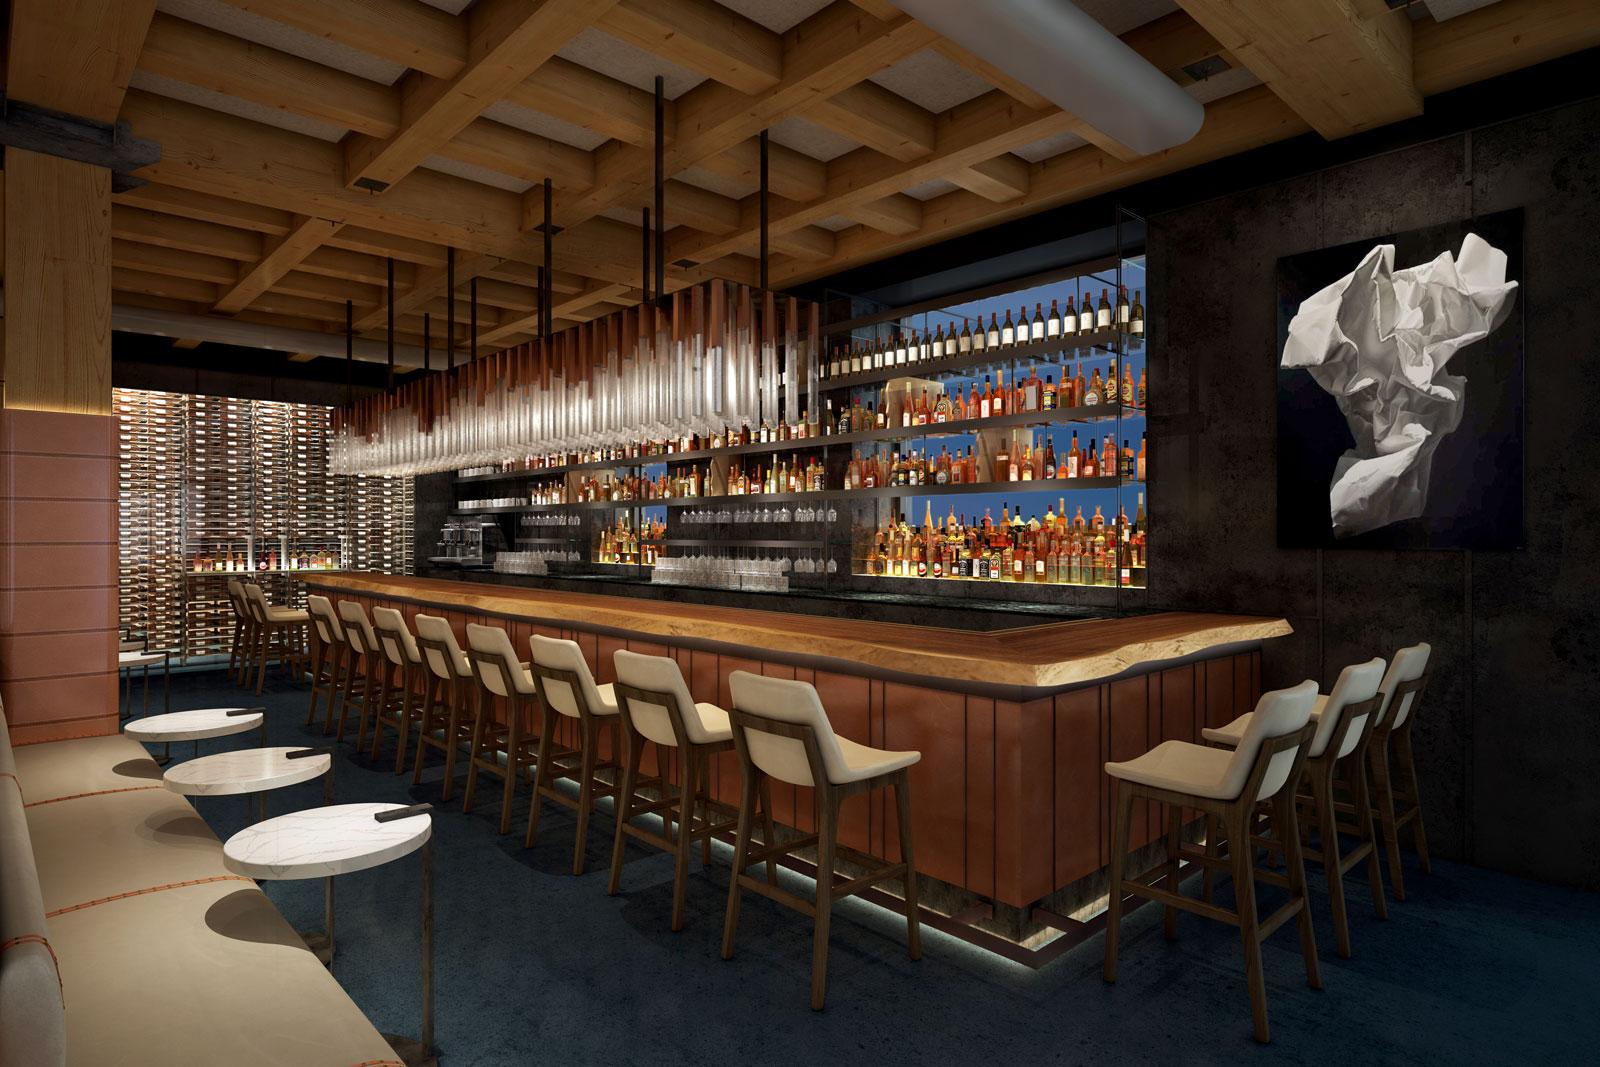 Sneak Peek Inside Yaletown's New Steakhouse – Scout Magazine